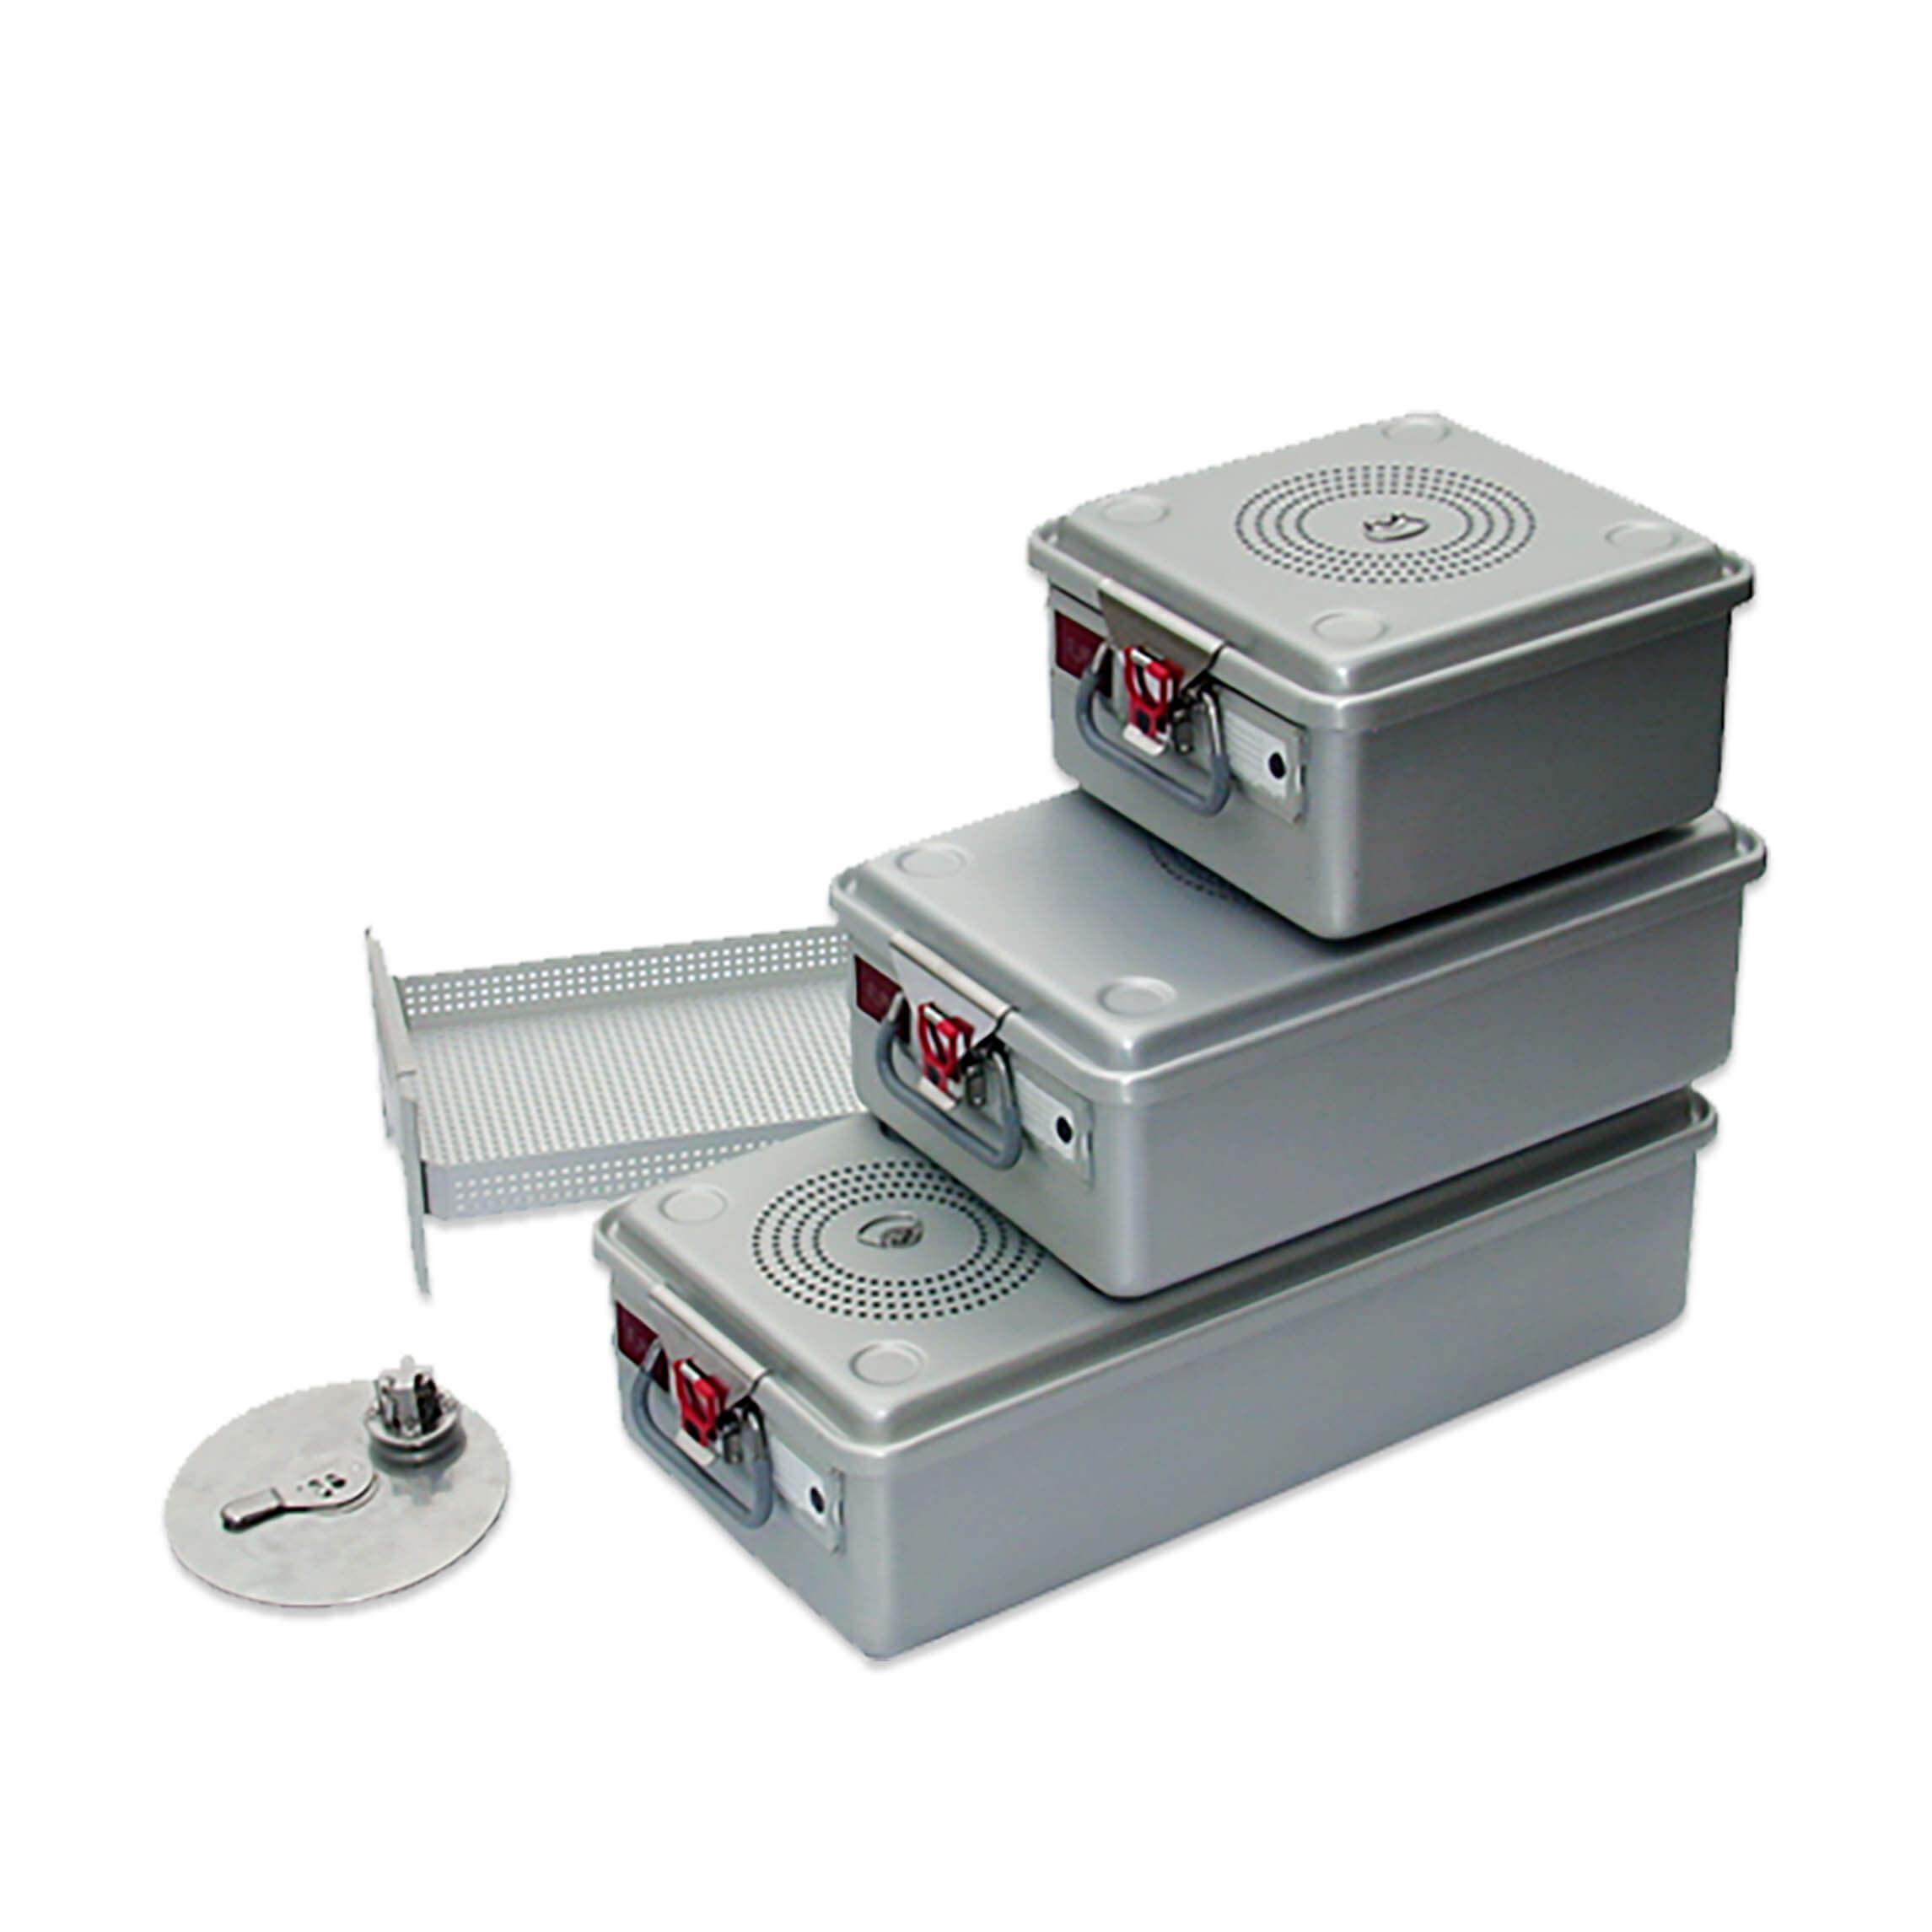 نکات و روش استفاده از ظروف کانتینر فلزی بسته بندی چند منظوره